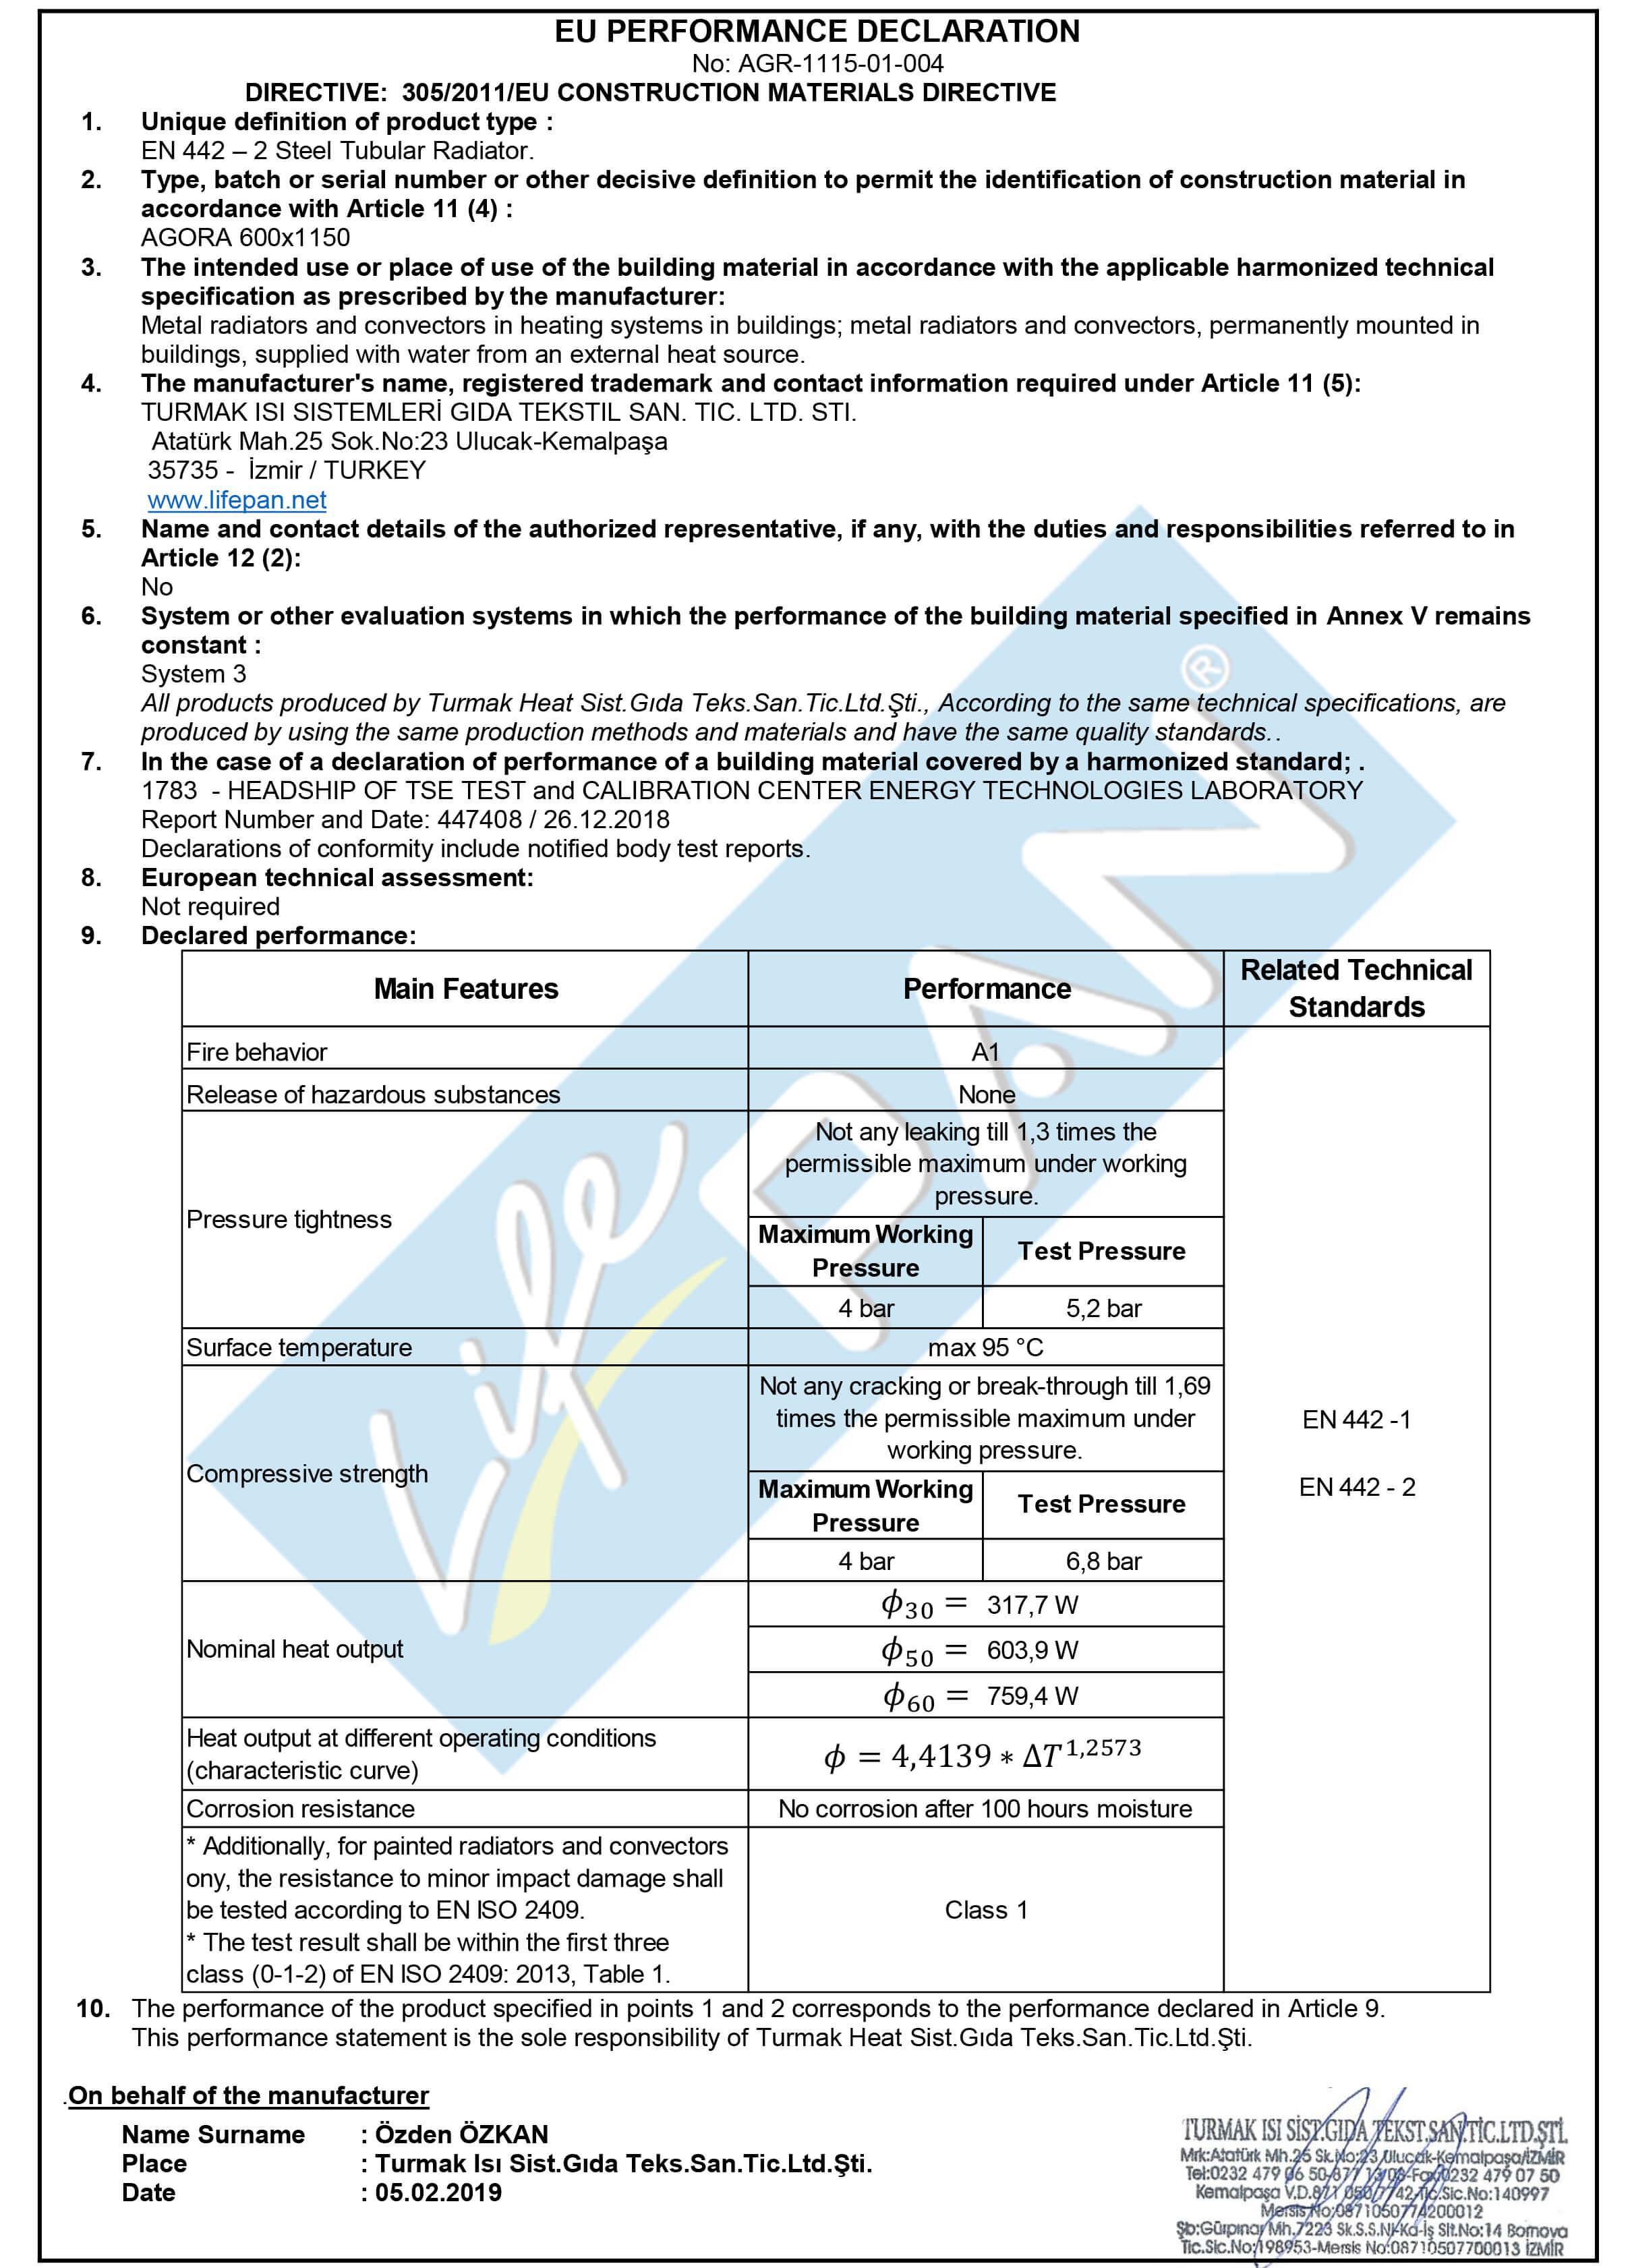 AGORA - 600x1150 EU PERFORMANCE DECLARATION